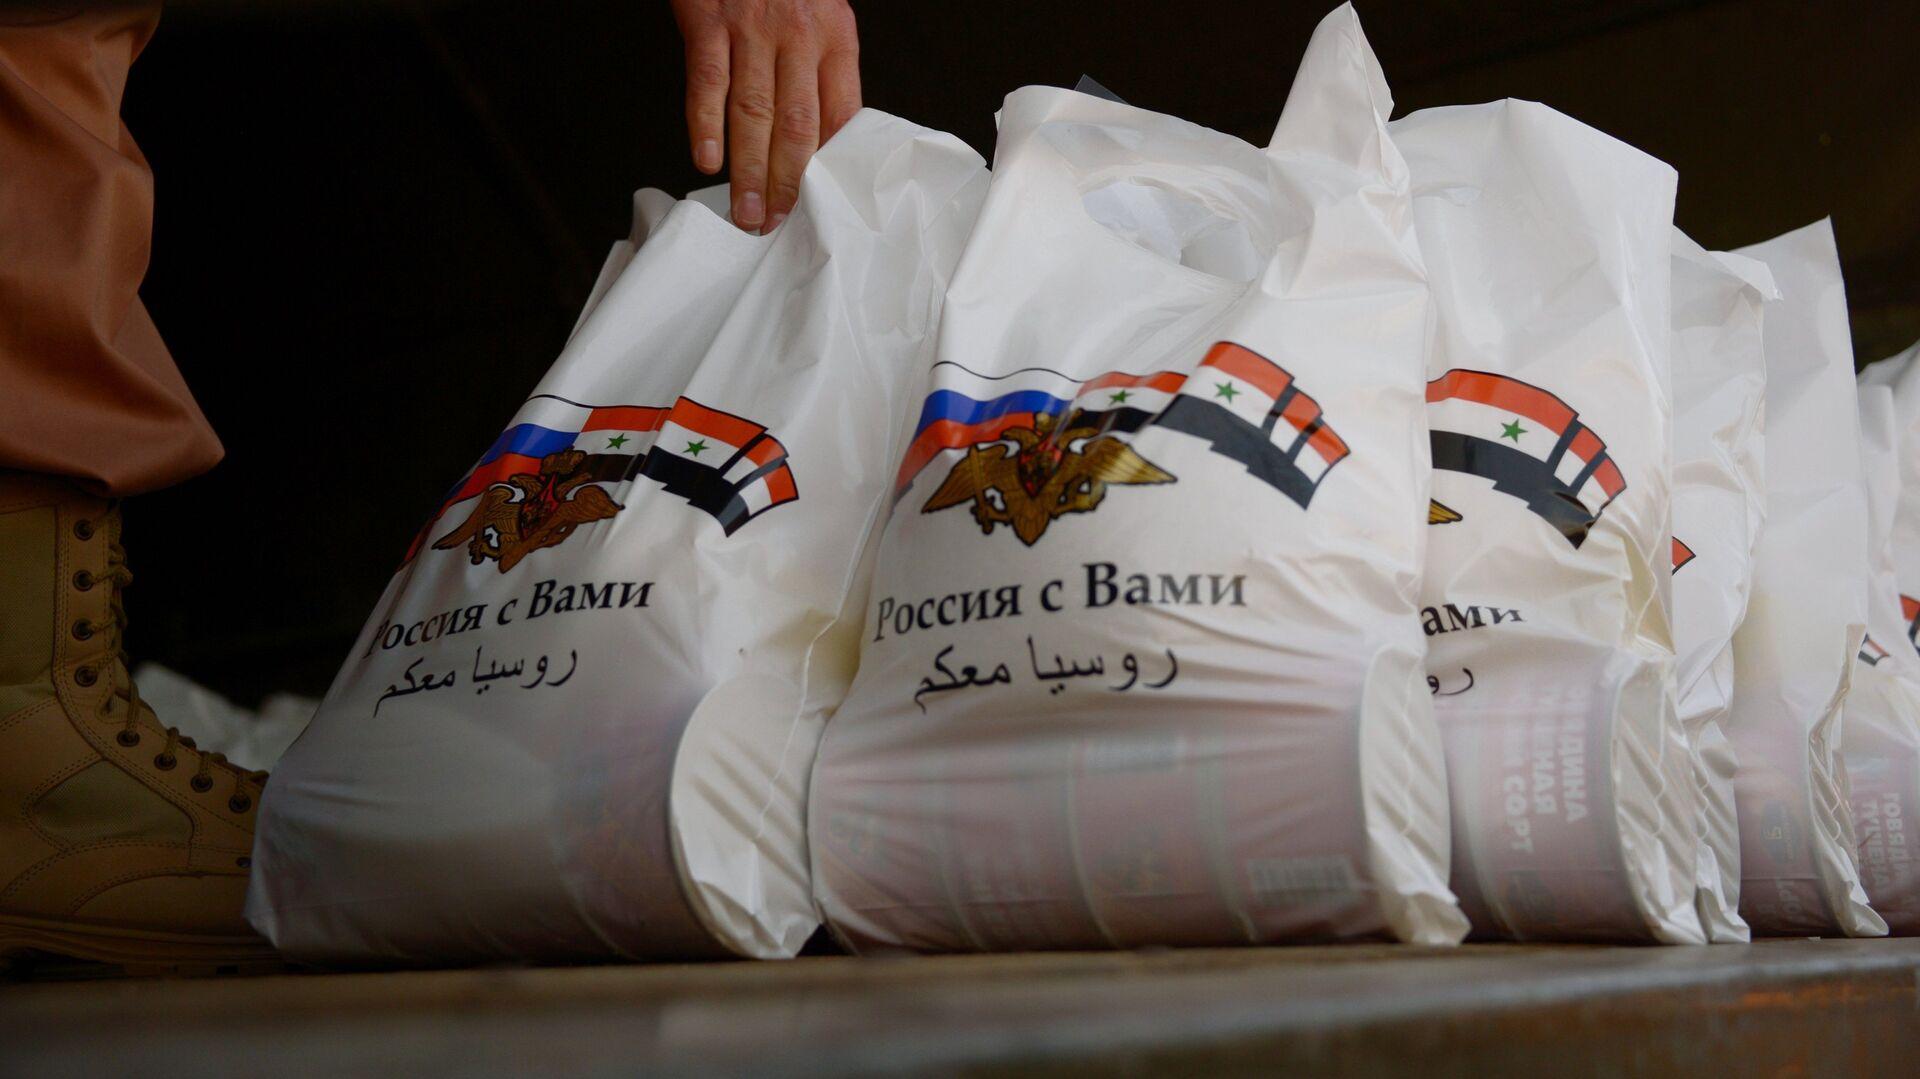 Жители Сирии получили гуманитарную помощь от России - РИА Новости, 1920, 14.06.2021